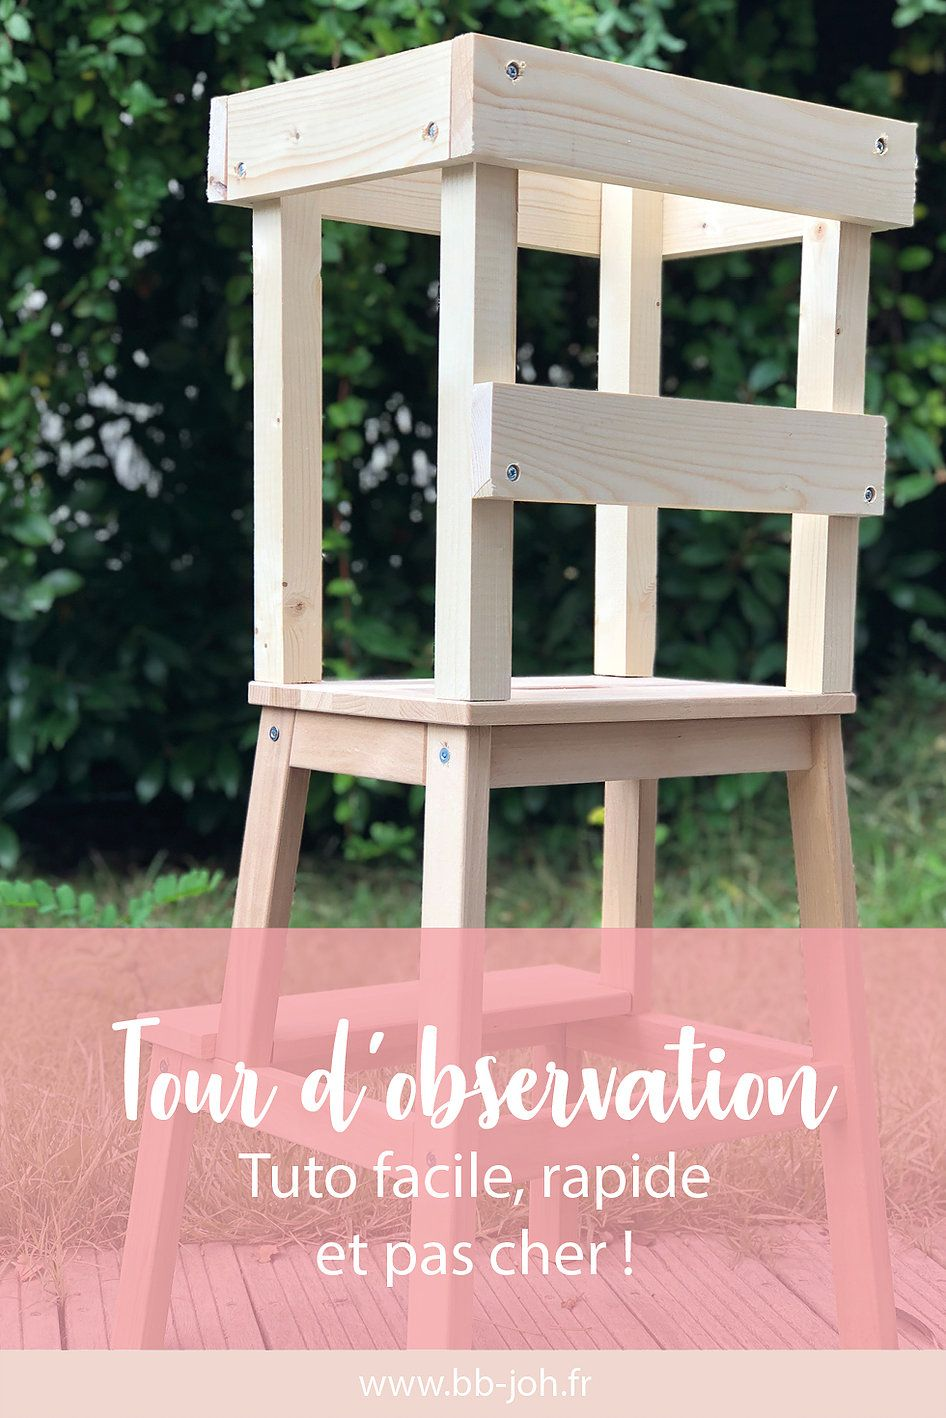 Parquet Flottant Ikea Pas Cher tuto : tour d'observation montessori rapide, facile et pas